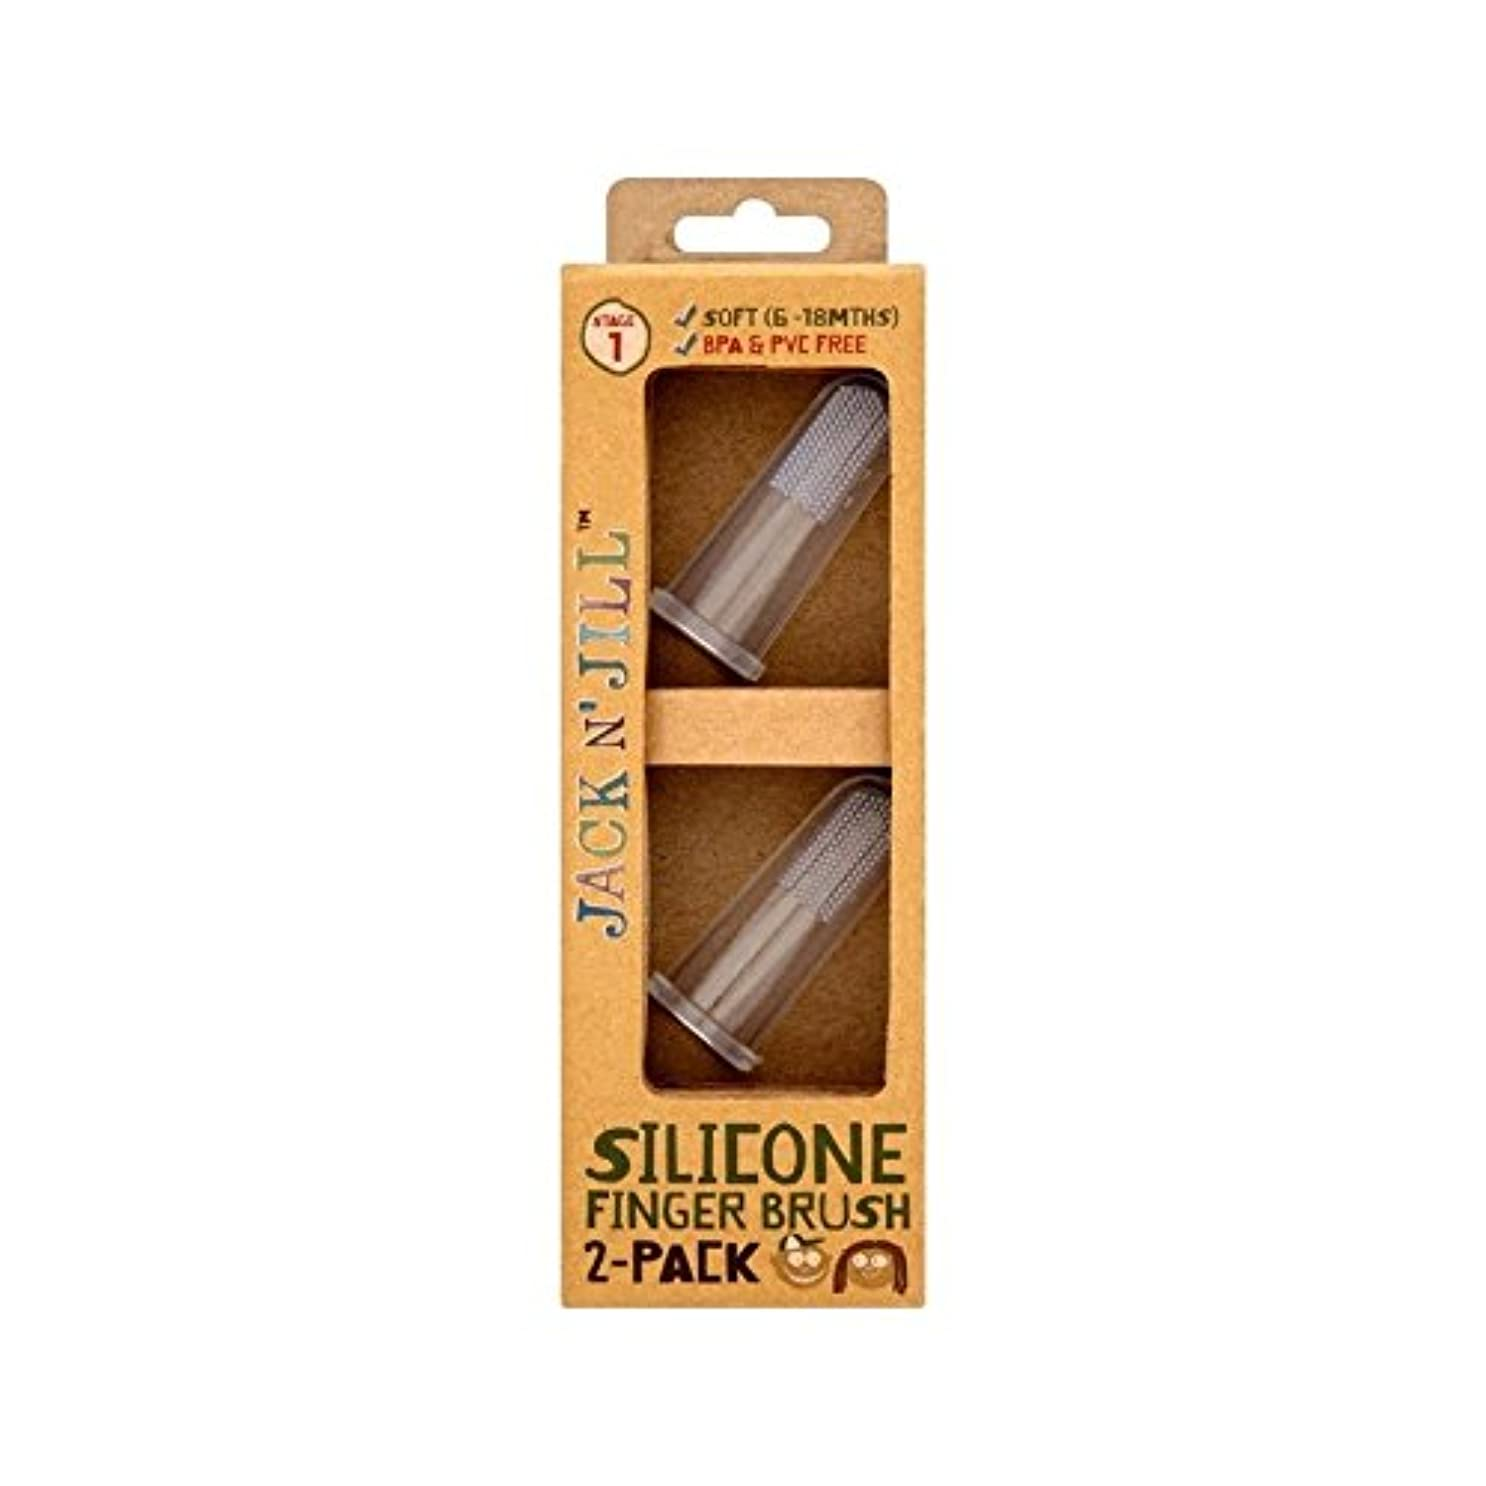 治安判事ジーンズそのシリコーン指ブラシ2パックあたりパック2 (Jack N Jill) (x 2) - Jack N' Jill Silicone Finger Brush 2 Pack 2 per pack (Pack of 2) [並行輸入品]